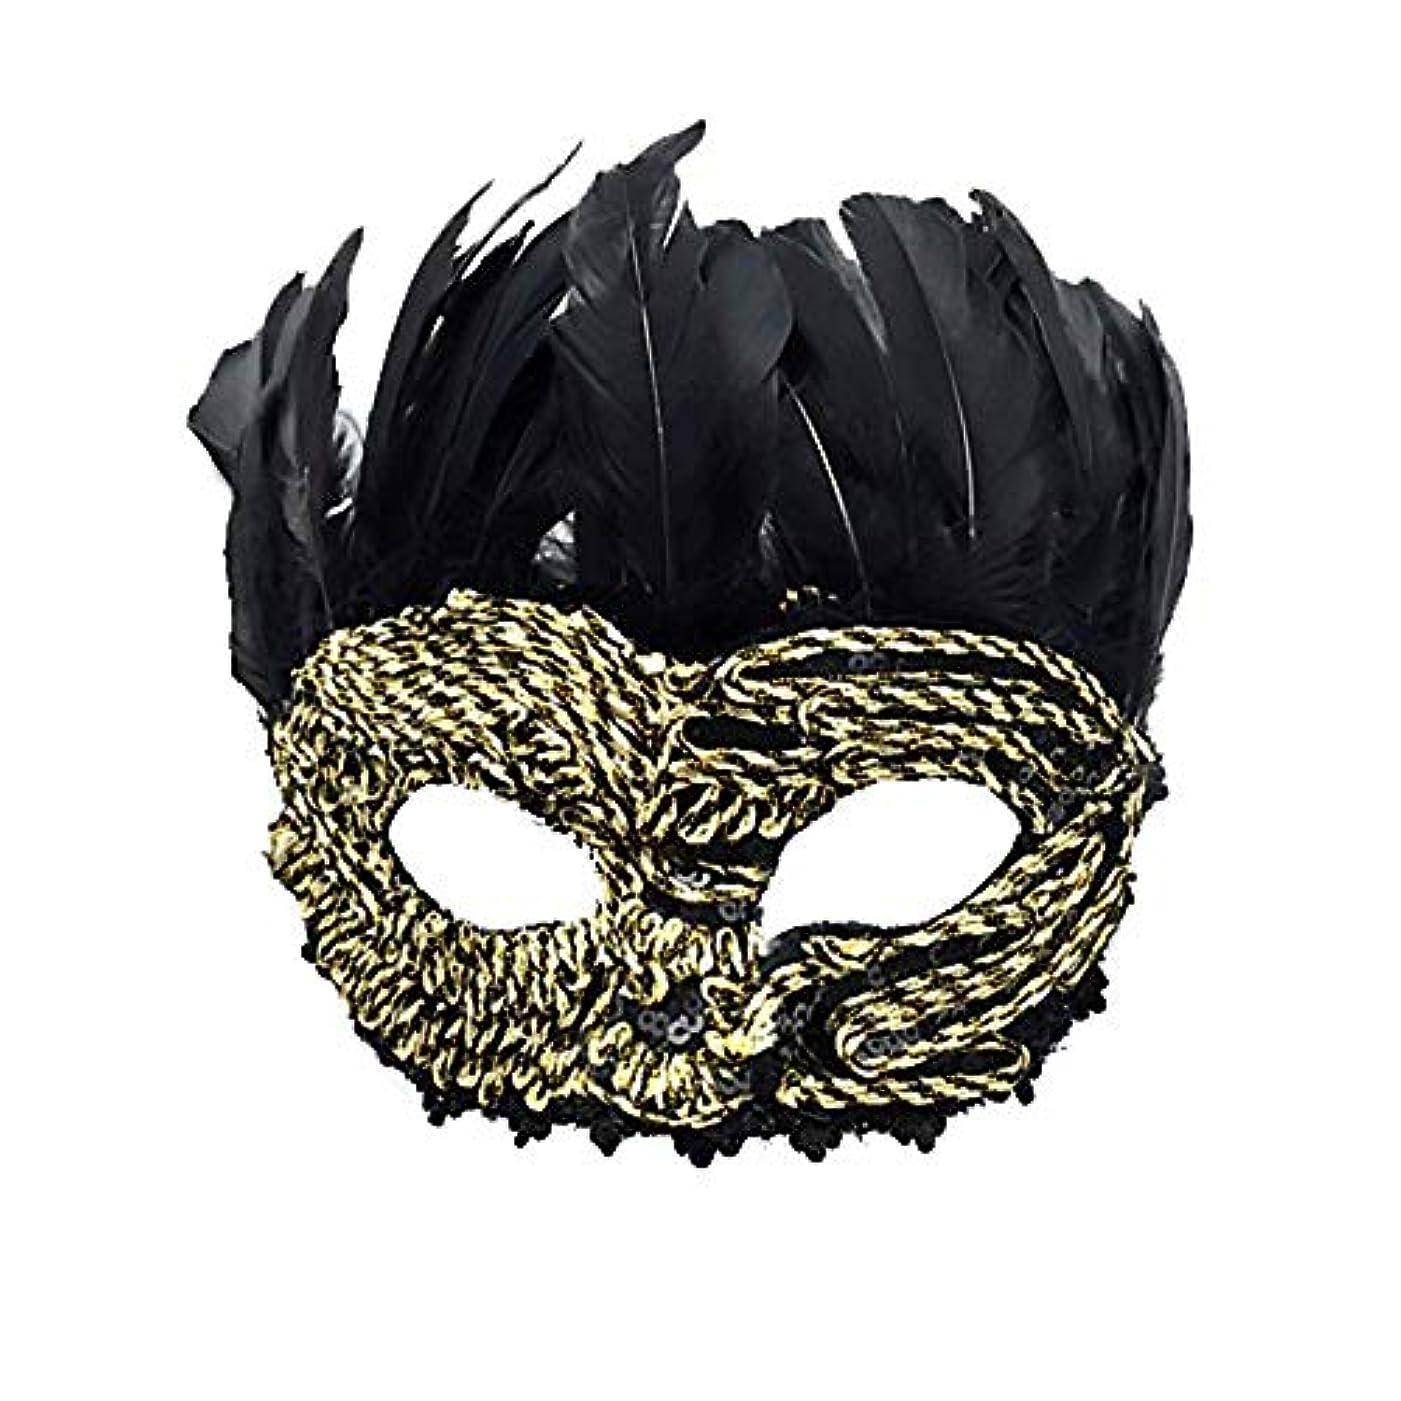 衝突する手がかりスカリーNanle ハロウィーンクリスマスレースフェザースパンコール刺繍マスク仮装マスクレディーメンズミスプリンセス美容祭パーティーデコレーションマスク(カップルモデル) (色 : Style B)